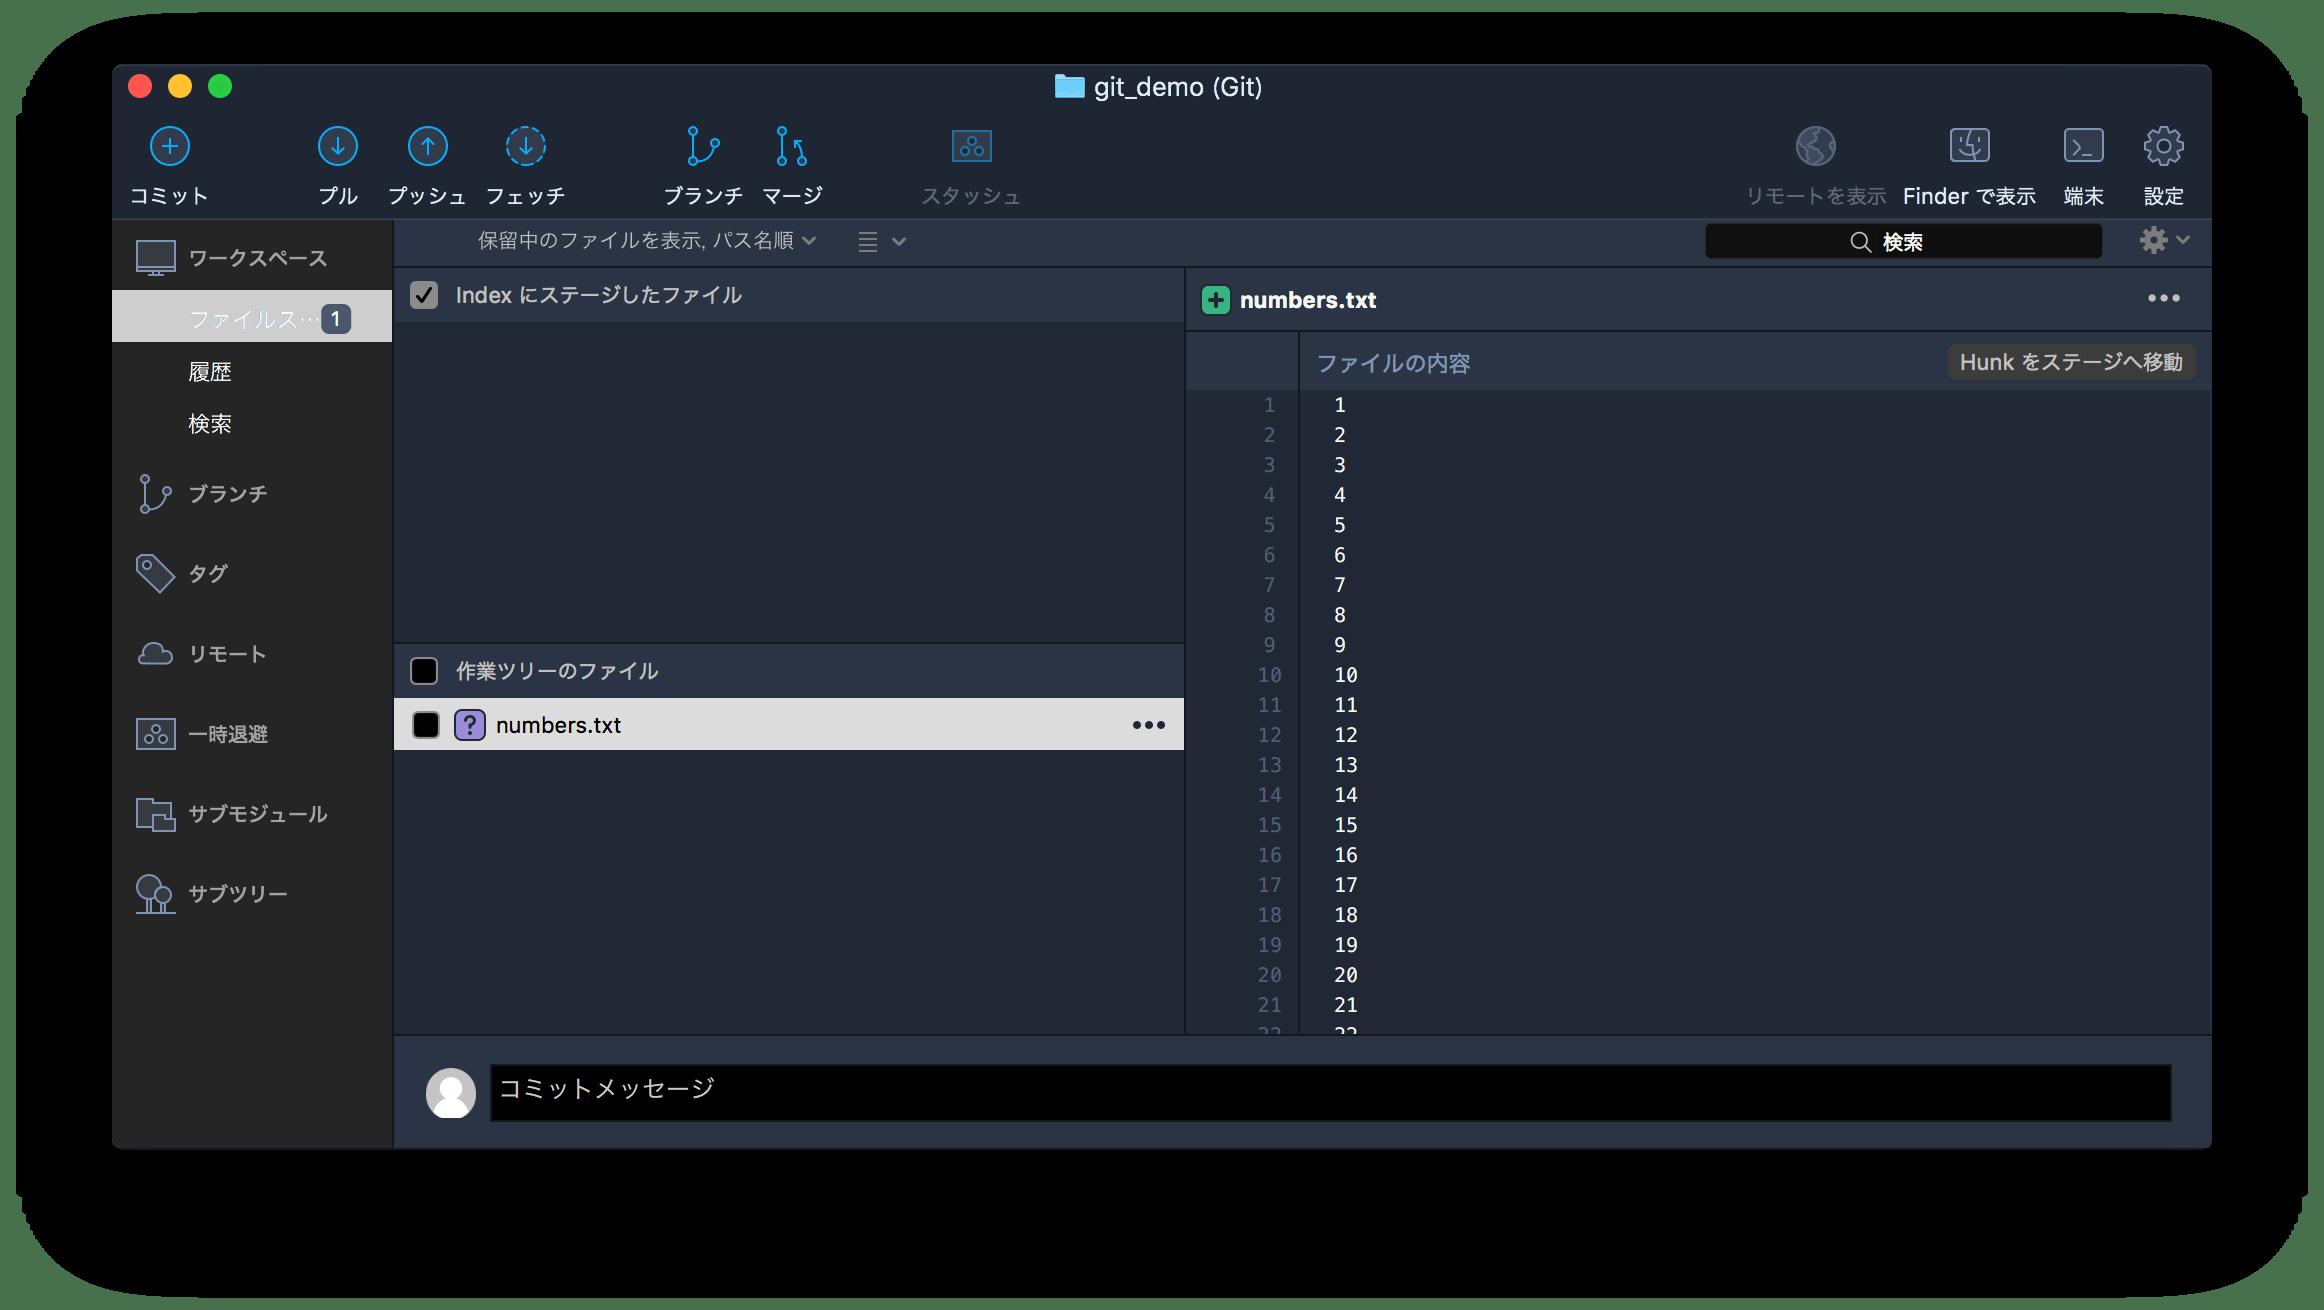 スクリーンショット 2018-06-08 6.05.09.png